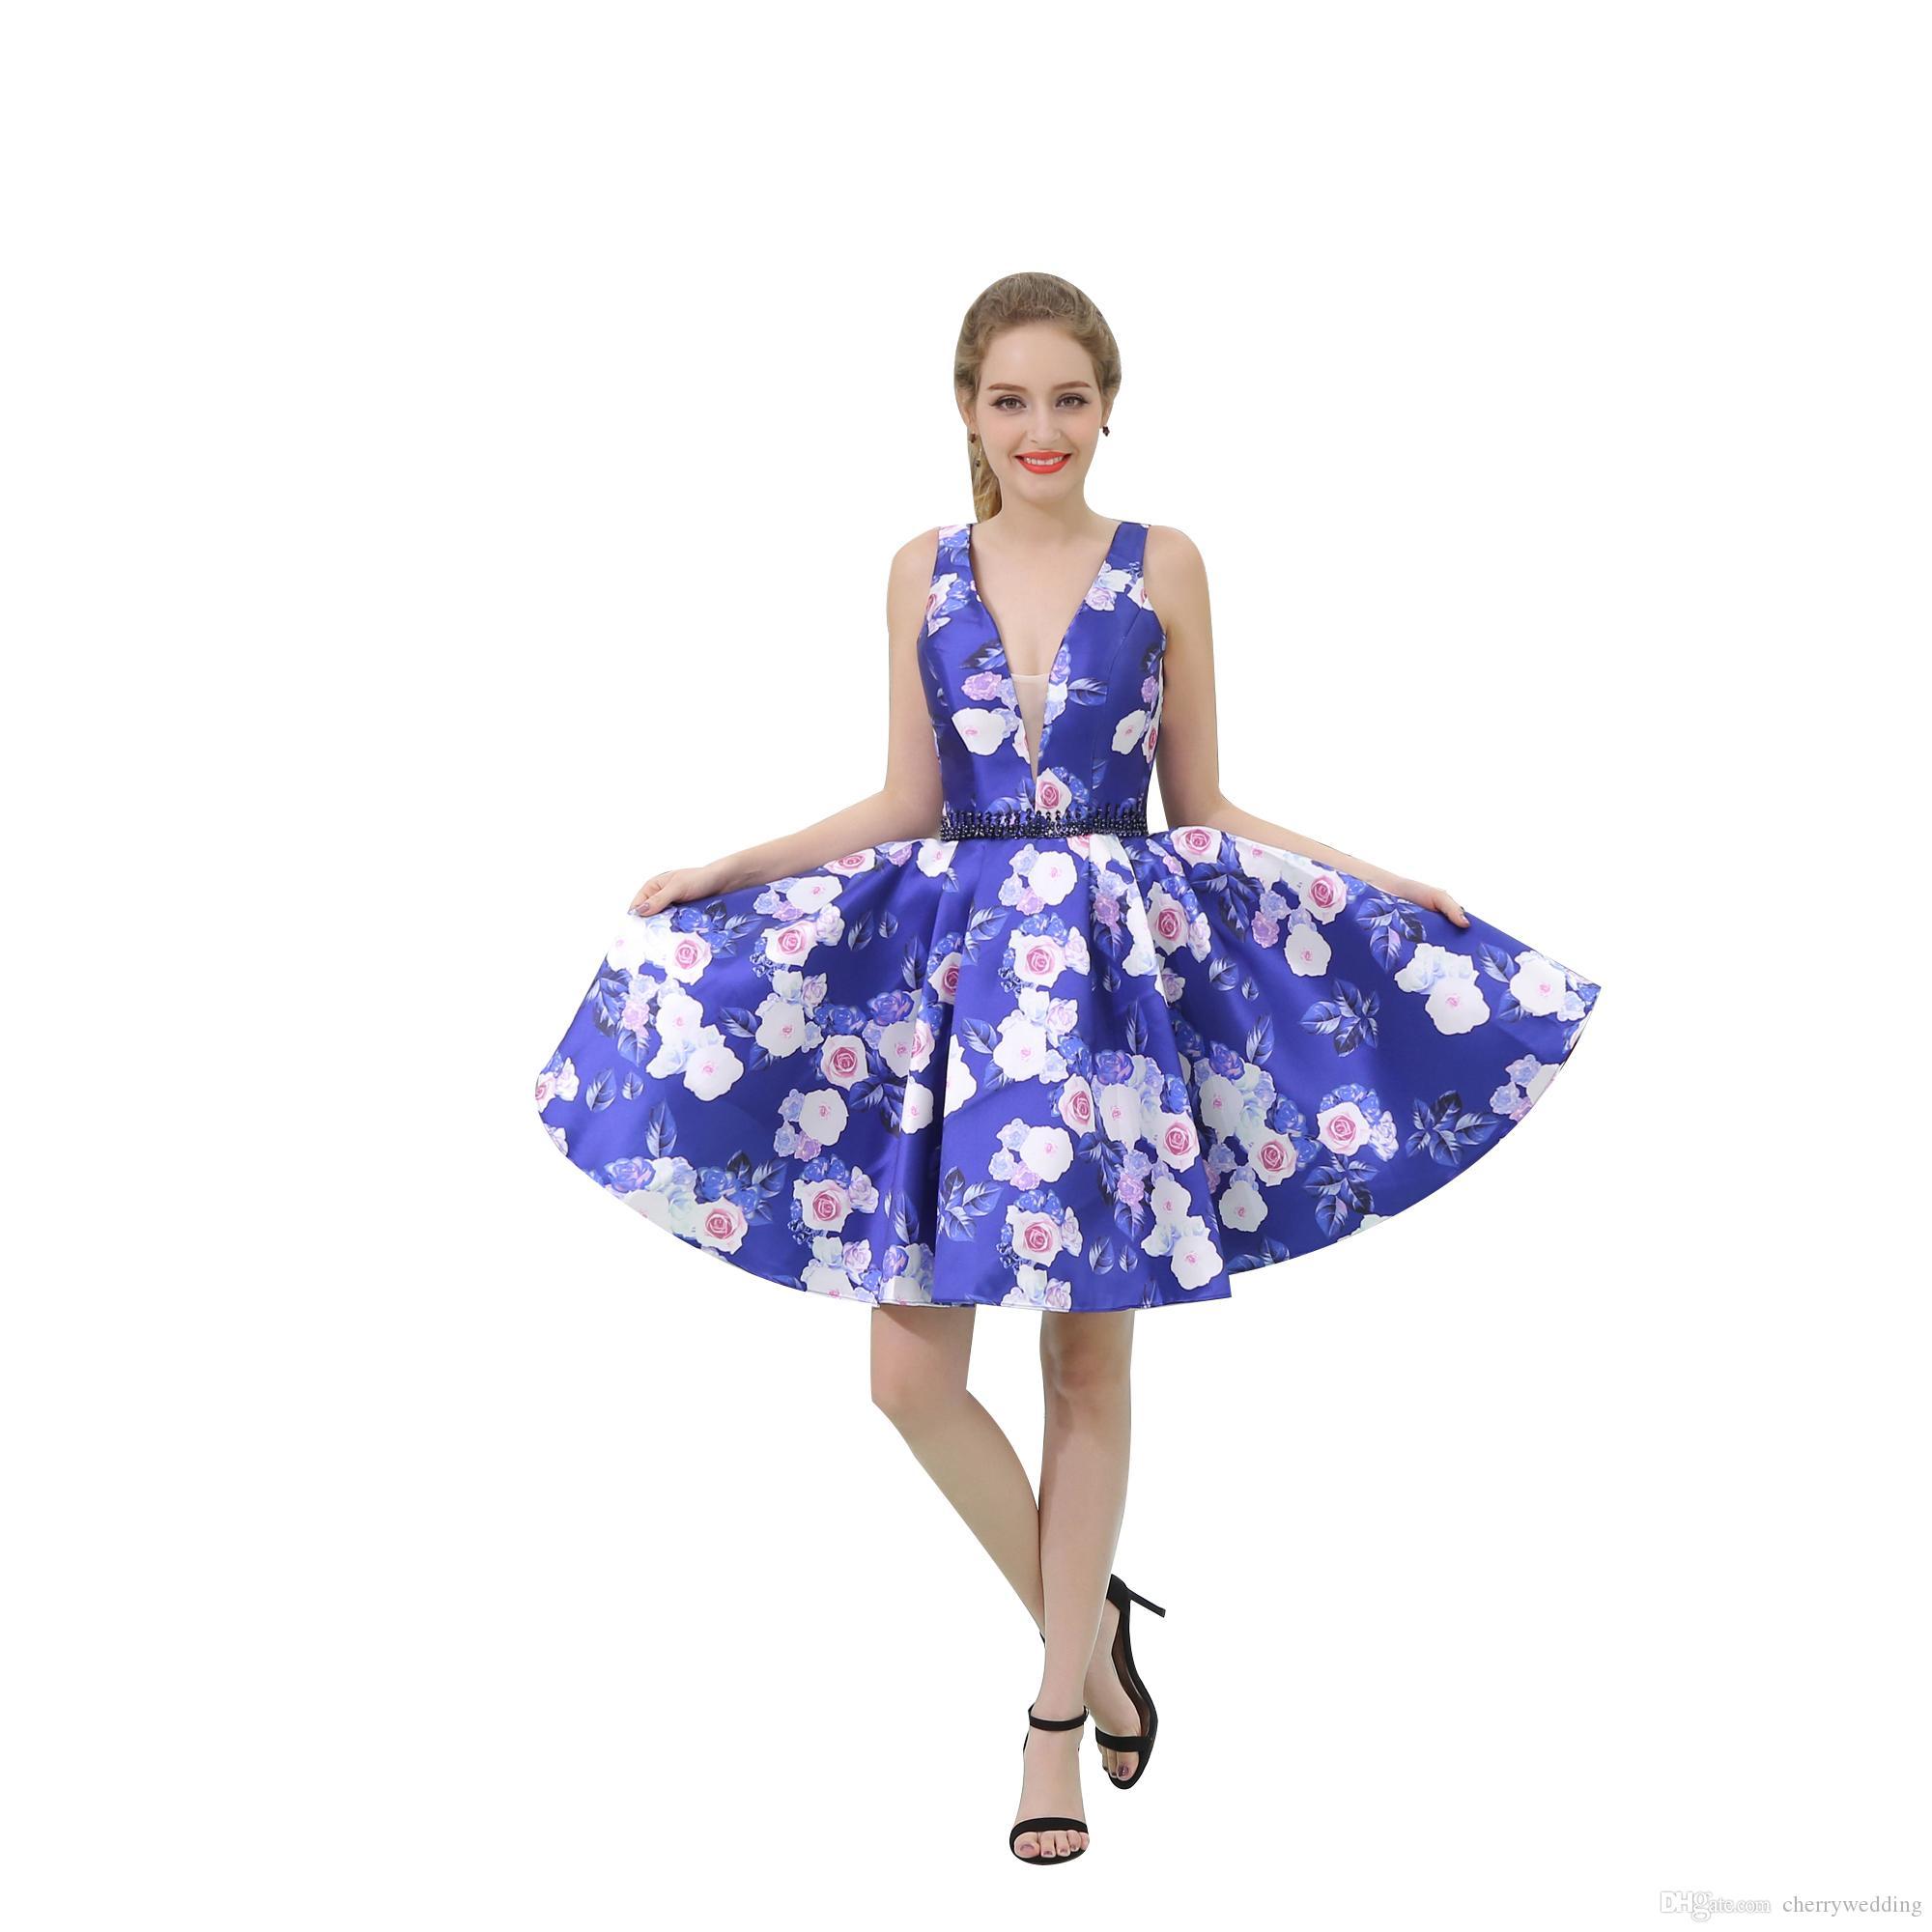 ba53bd989 Compre Imágenes Reales Estampado De Flores Tela De Moda Cortos Mini Vestidos  De Baile Rebordear Cintura Sheer Neck Homecoming Vestido Vestidos De Fiesta  ...